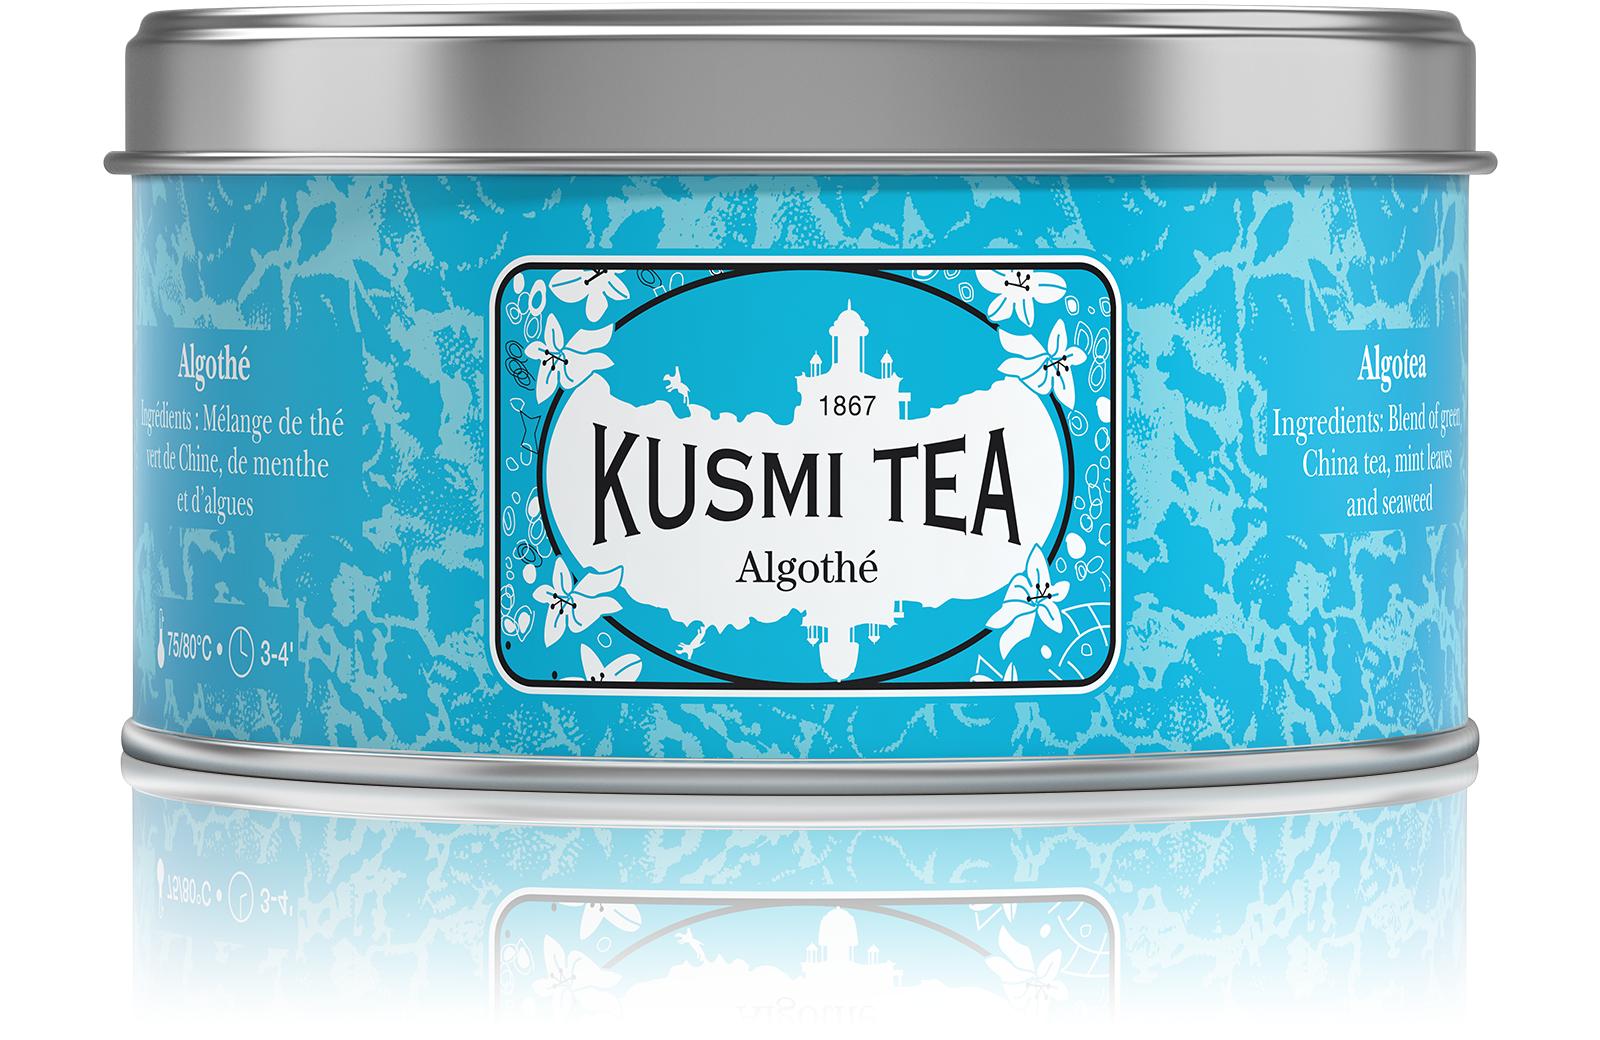 KUSMI TEA Algothé Thé vert  Kusmi Tea